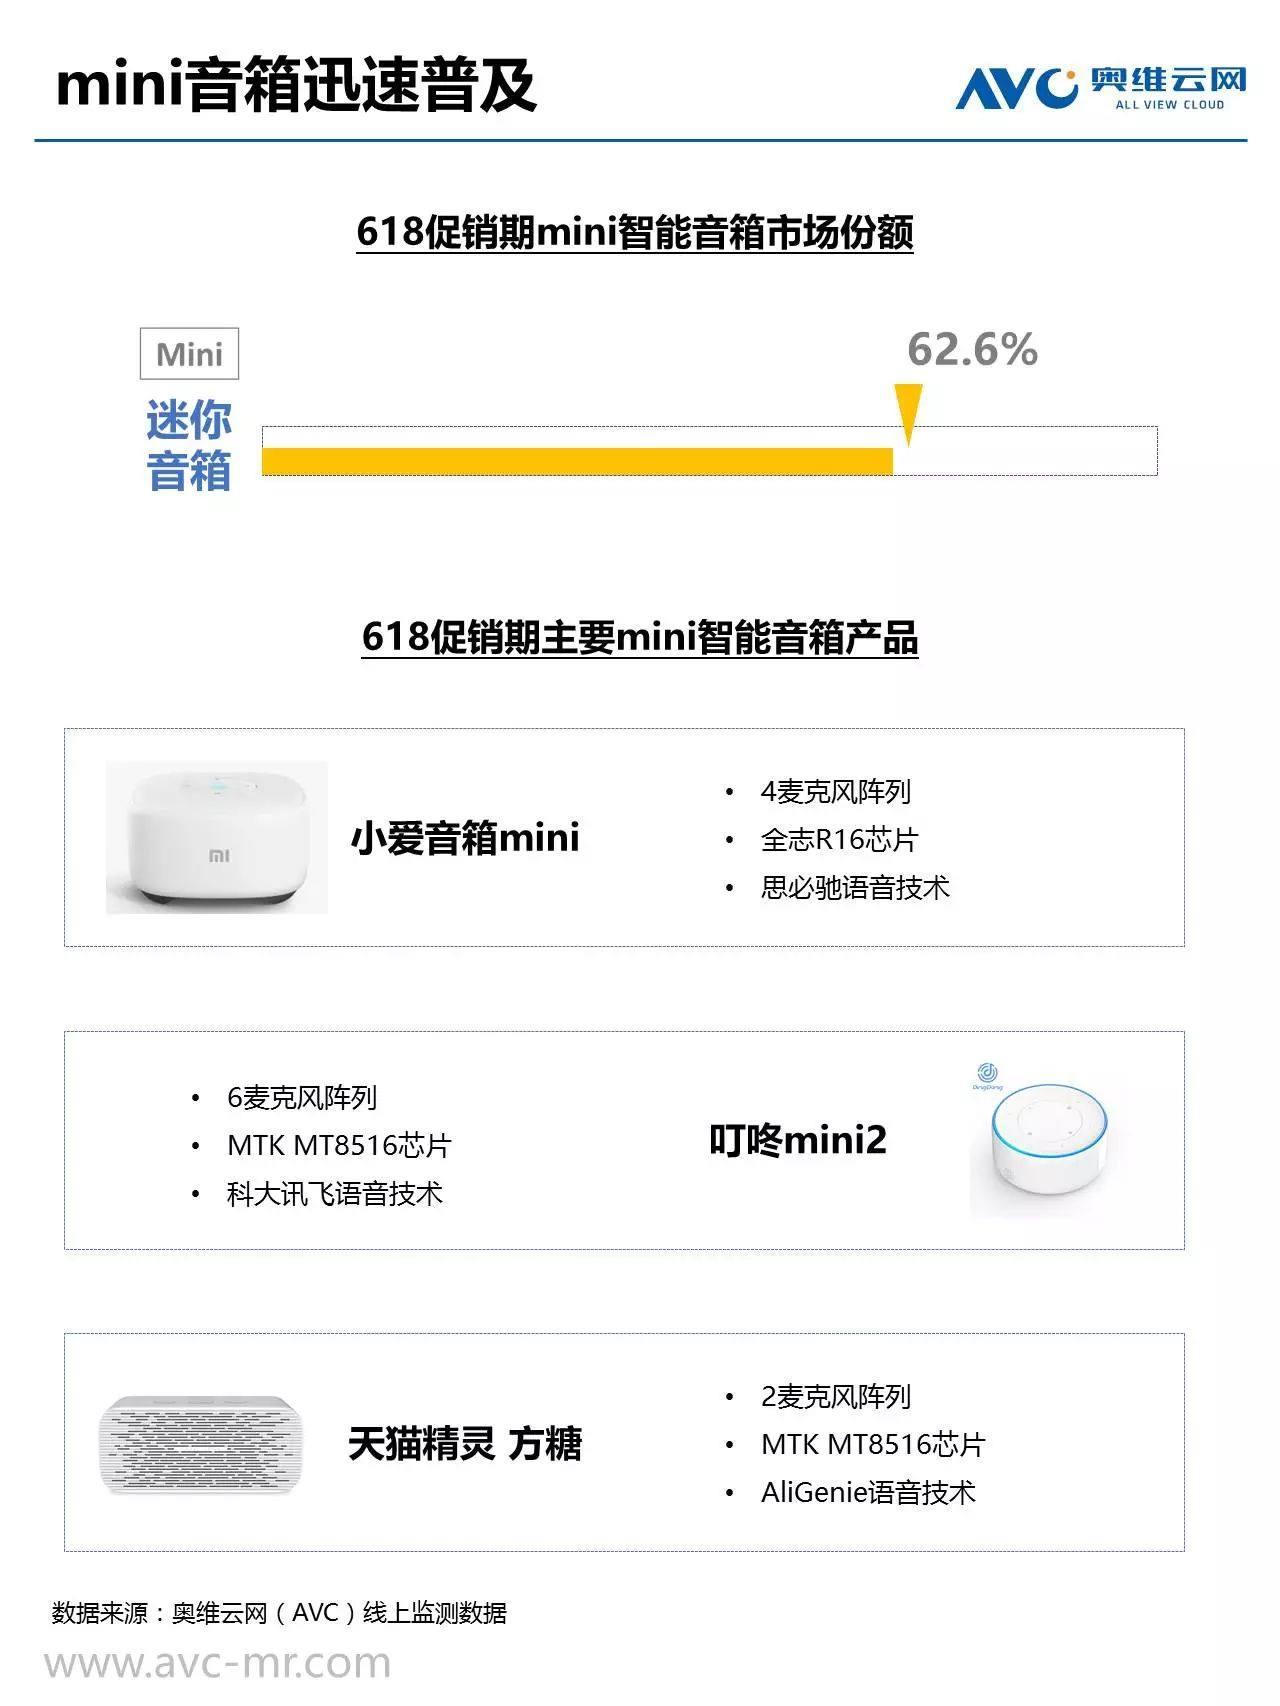 中国智能影音市场618报告:智能音箱